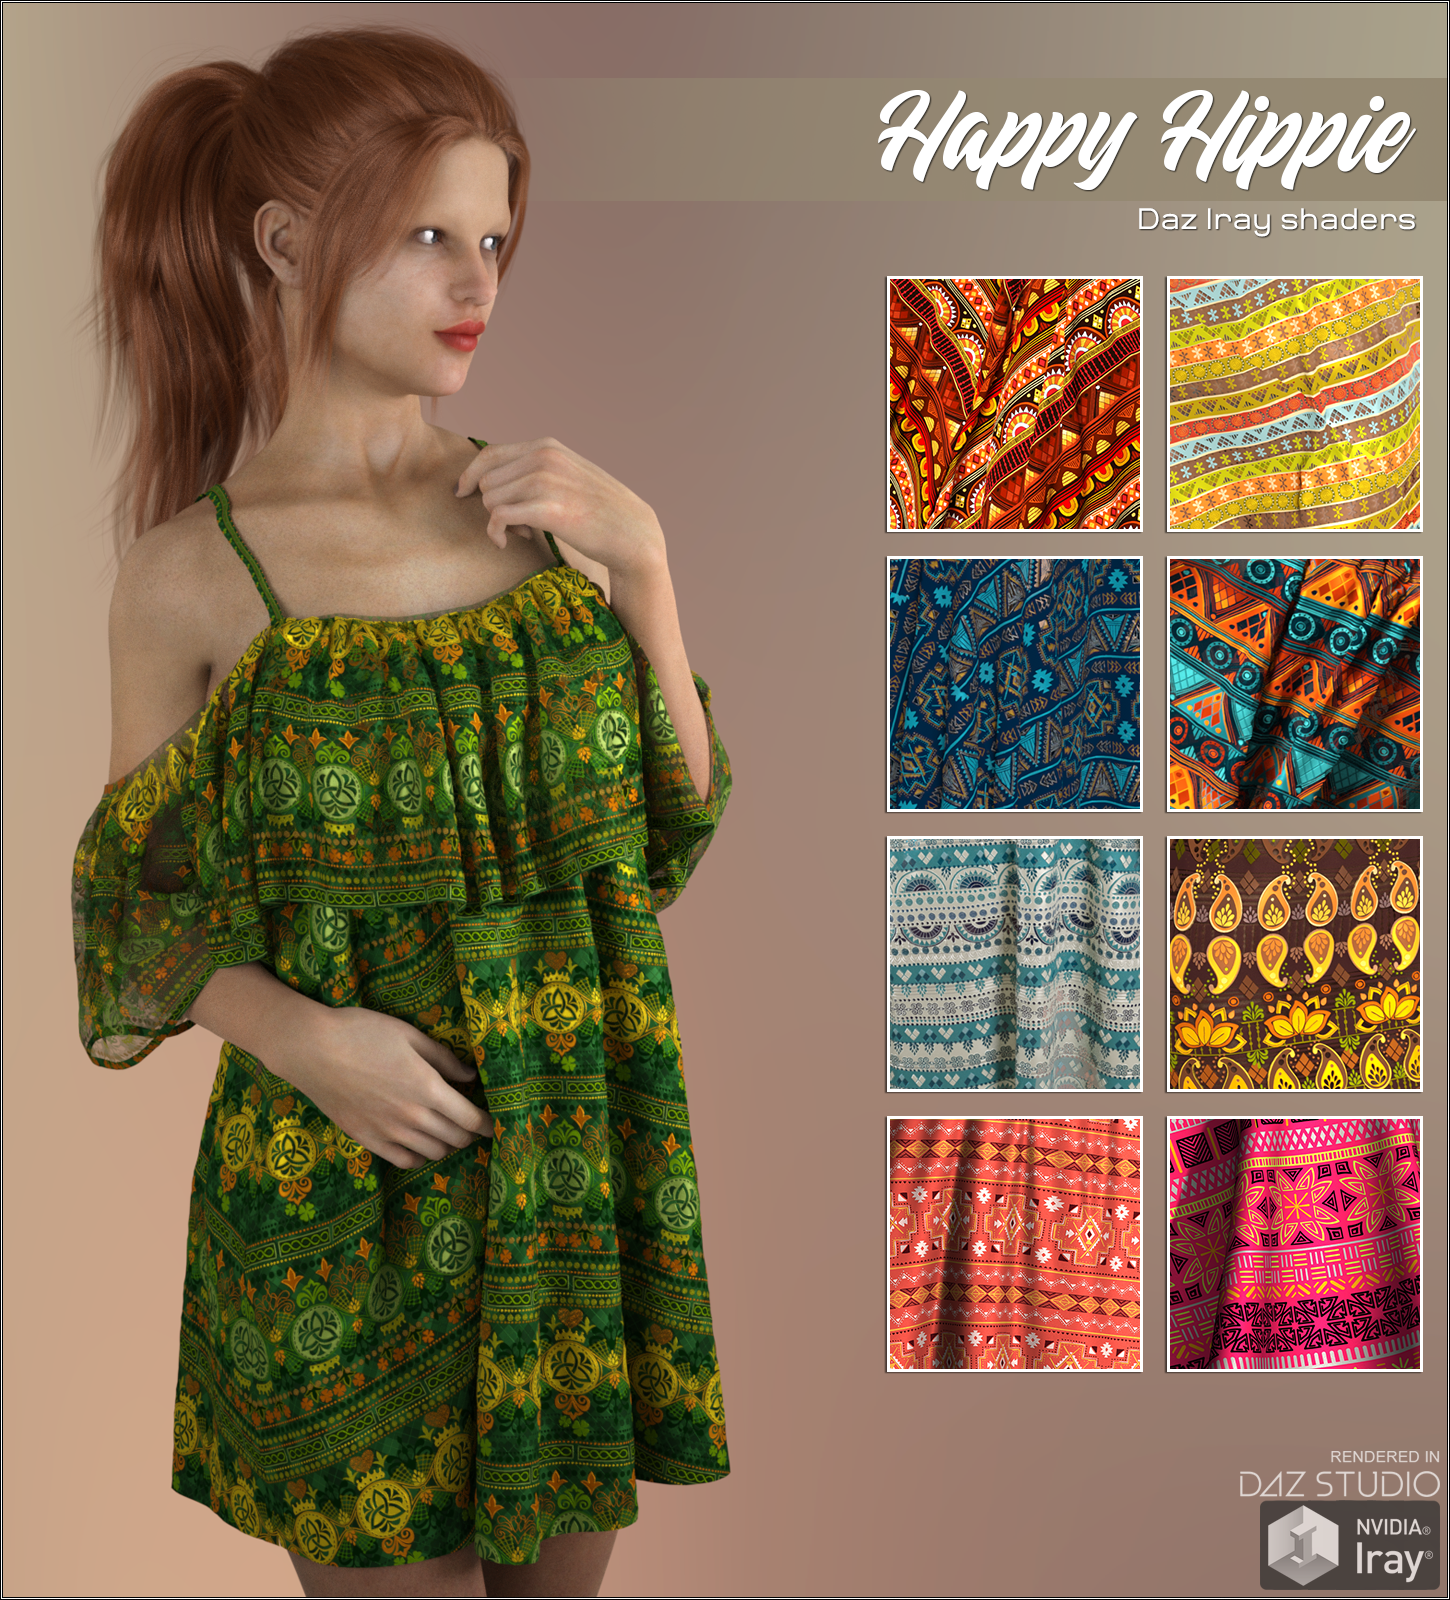 Daz Iray - Happy Hippie